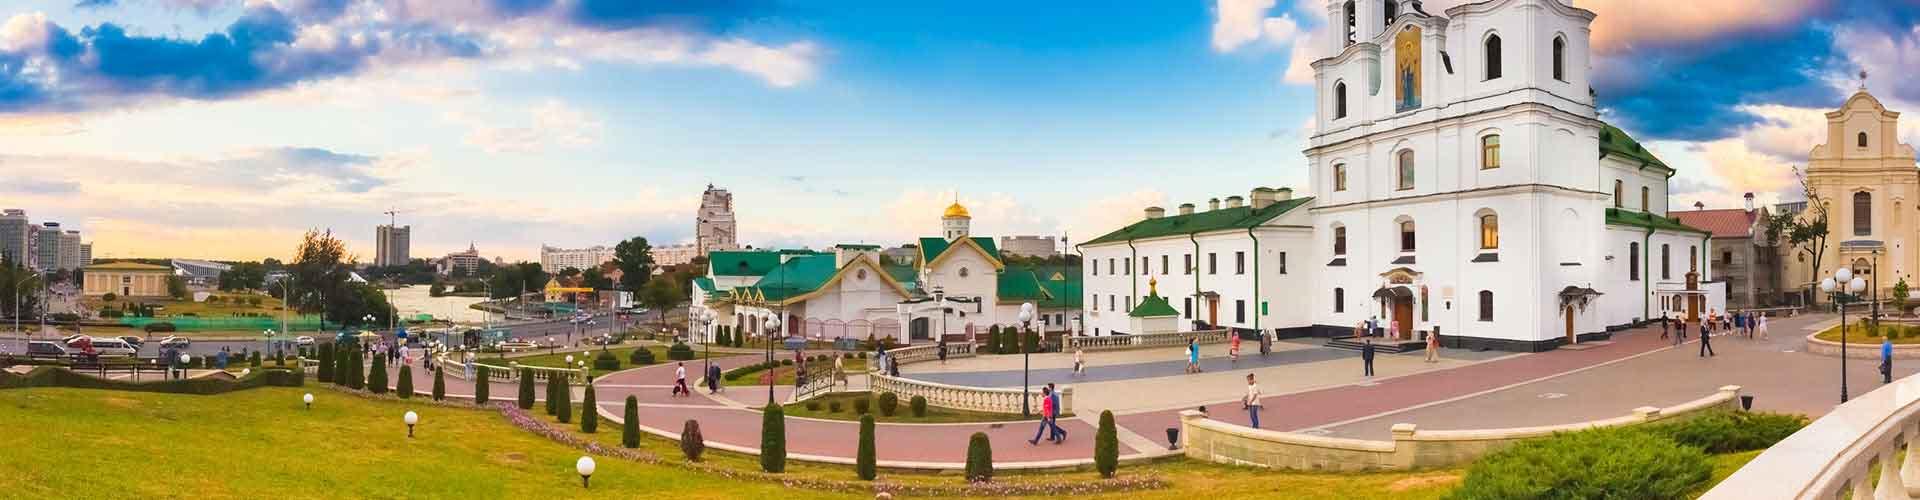 Minsk - Hôtels à Minsk. Cartes pour Minsk, photos et commentaires pour chaque hôtel à Minsk.